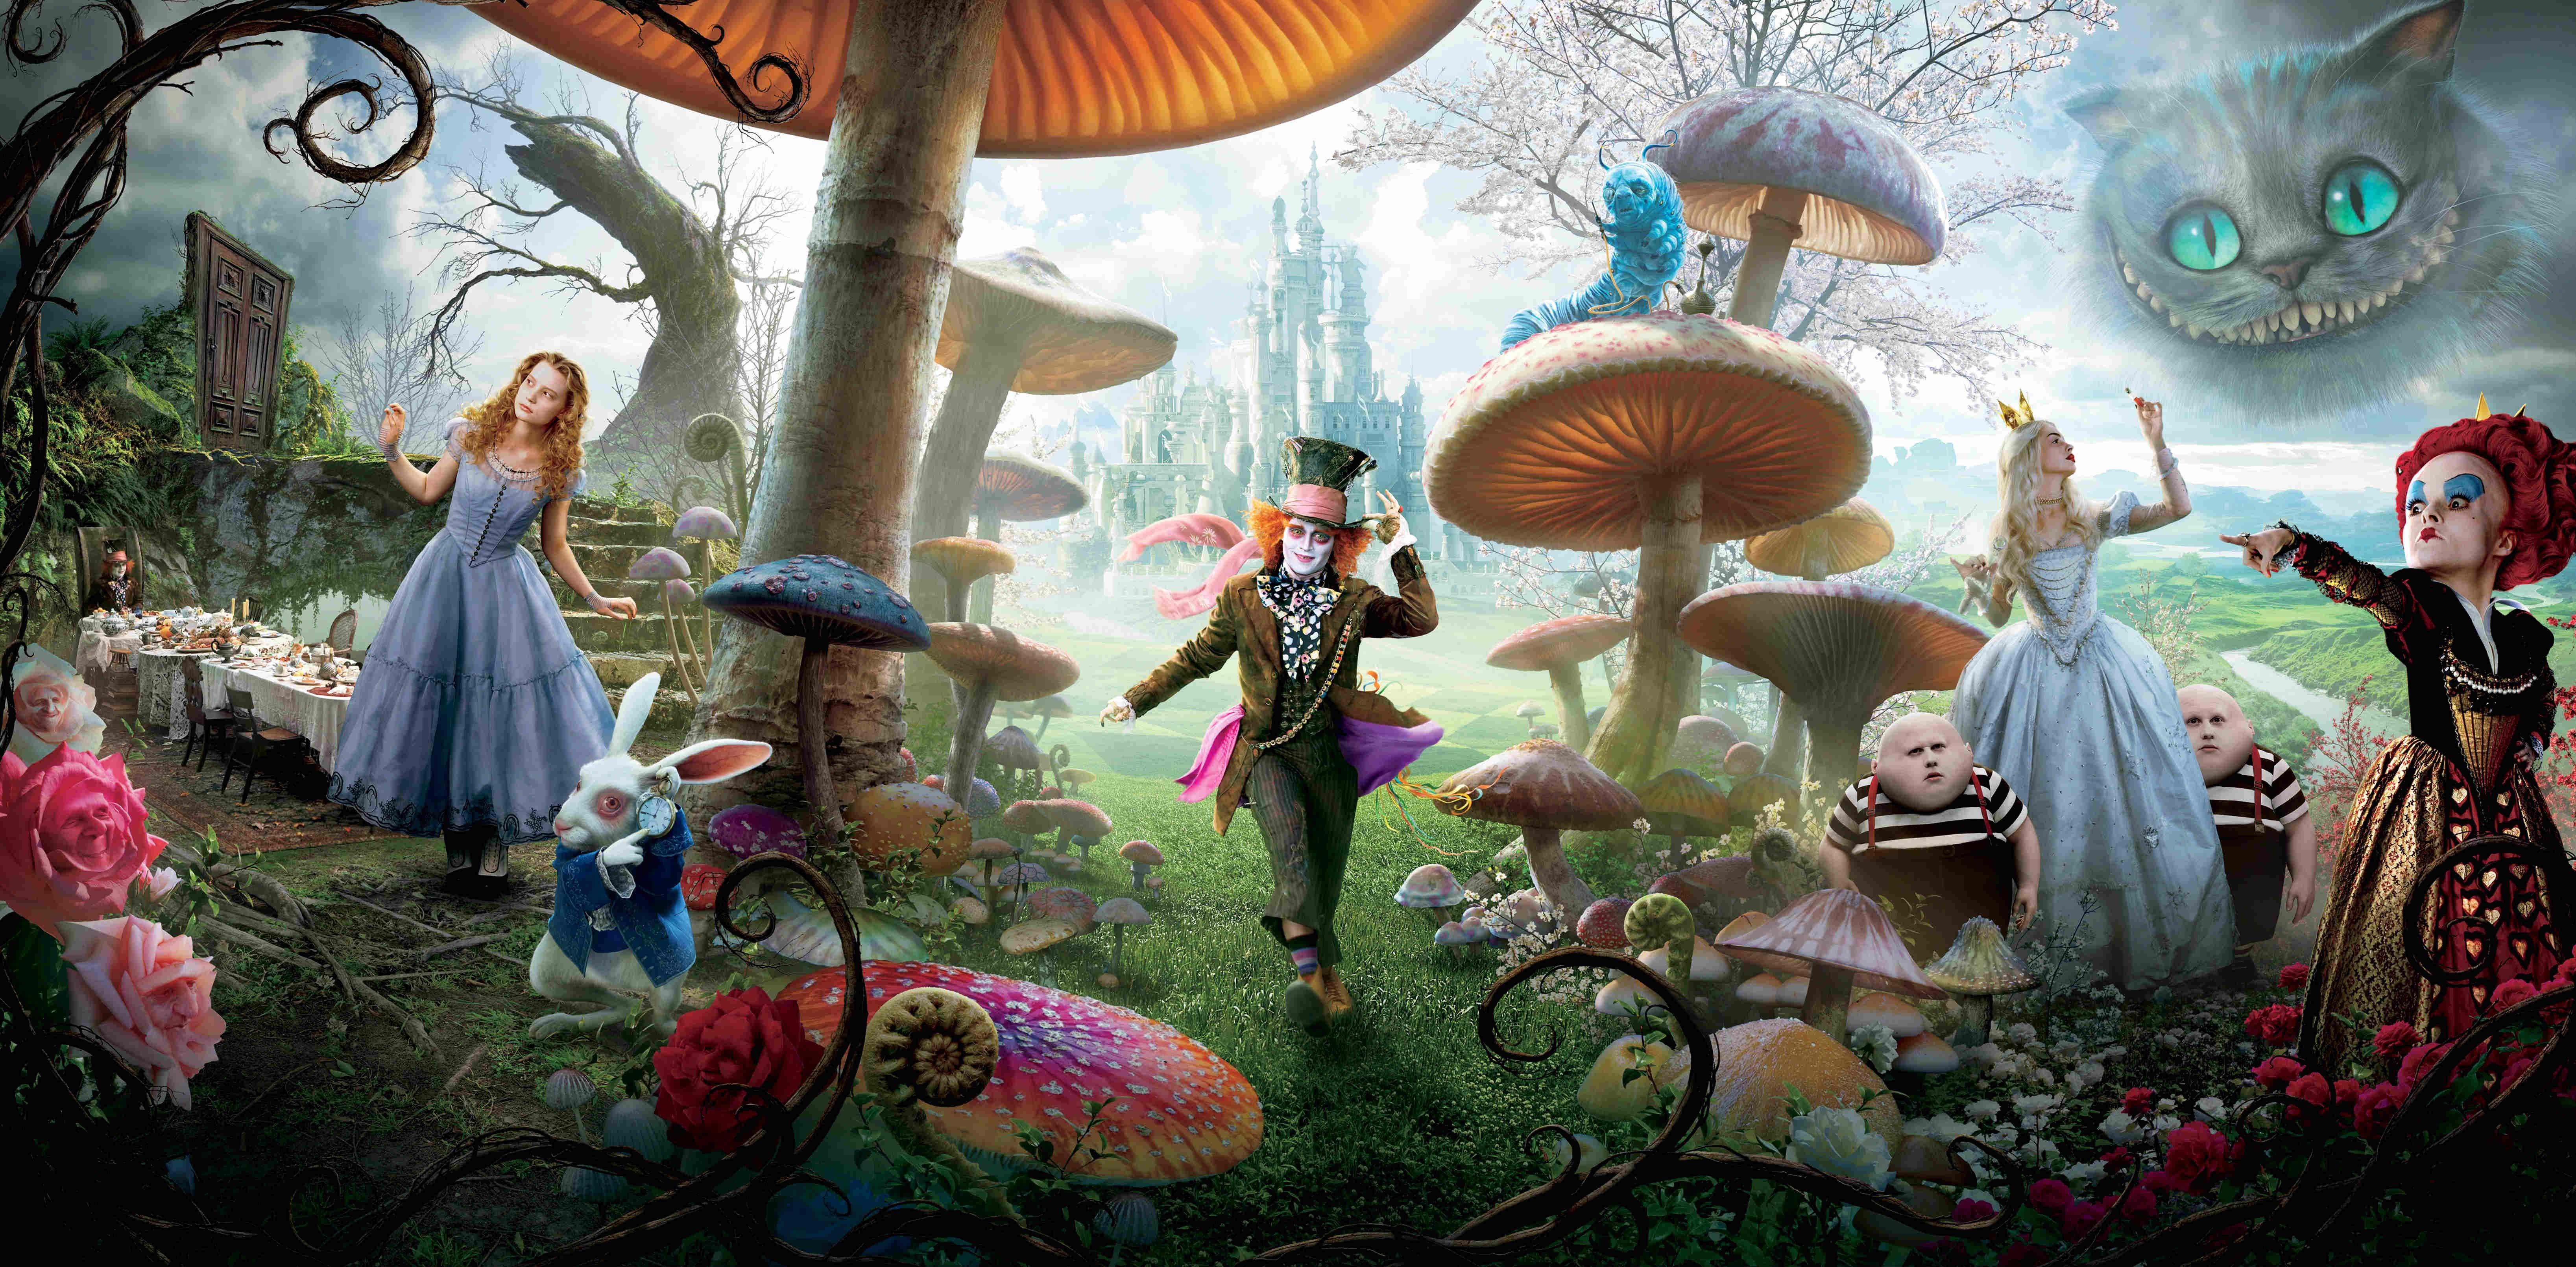 Alice i Underlandet är en av de mer kända filmerna med 3D-effekter idag.